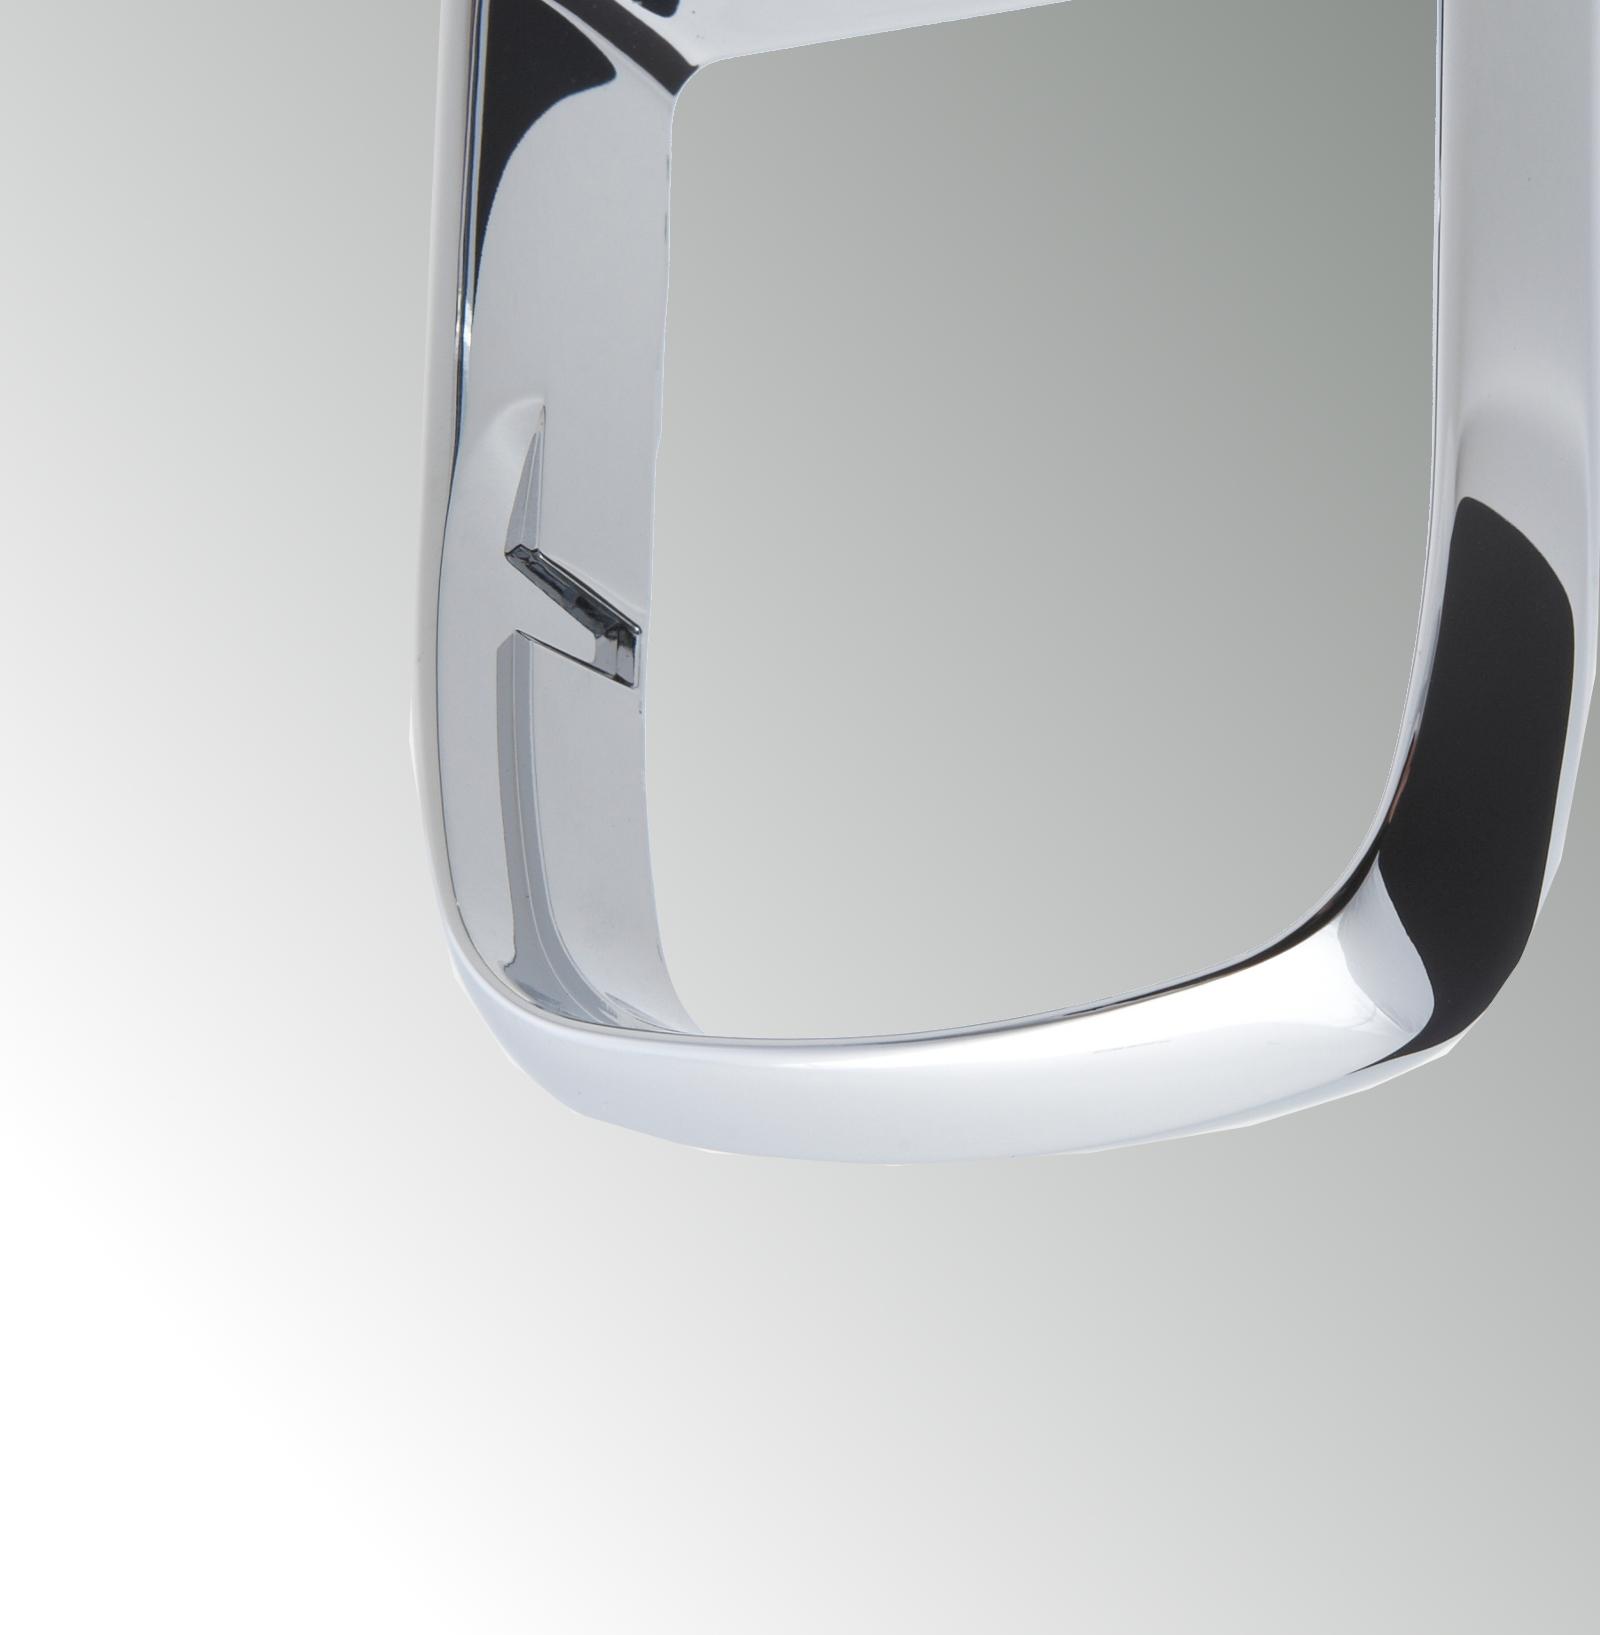 Glashalterrahmen aus Zinkdruckguss mit hochglanz verchromter Oberfläche für Badaccessoire